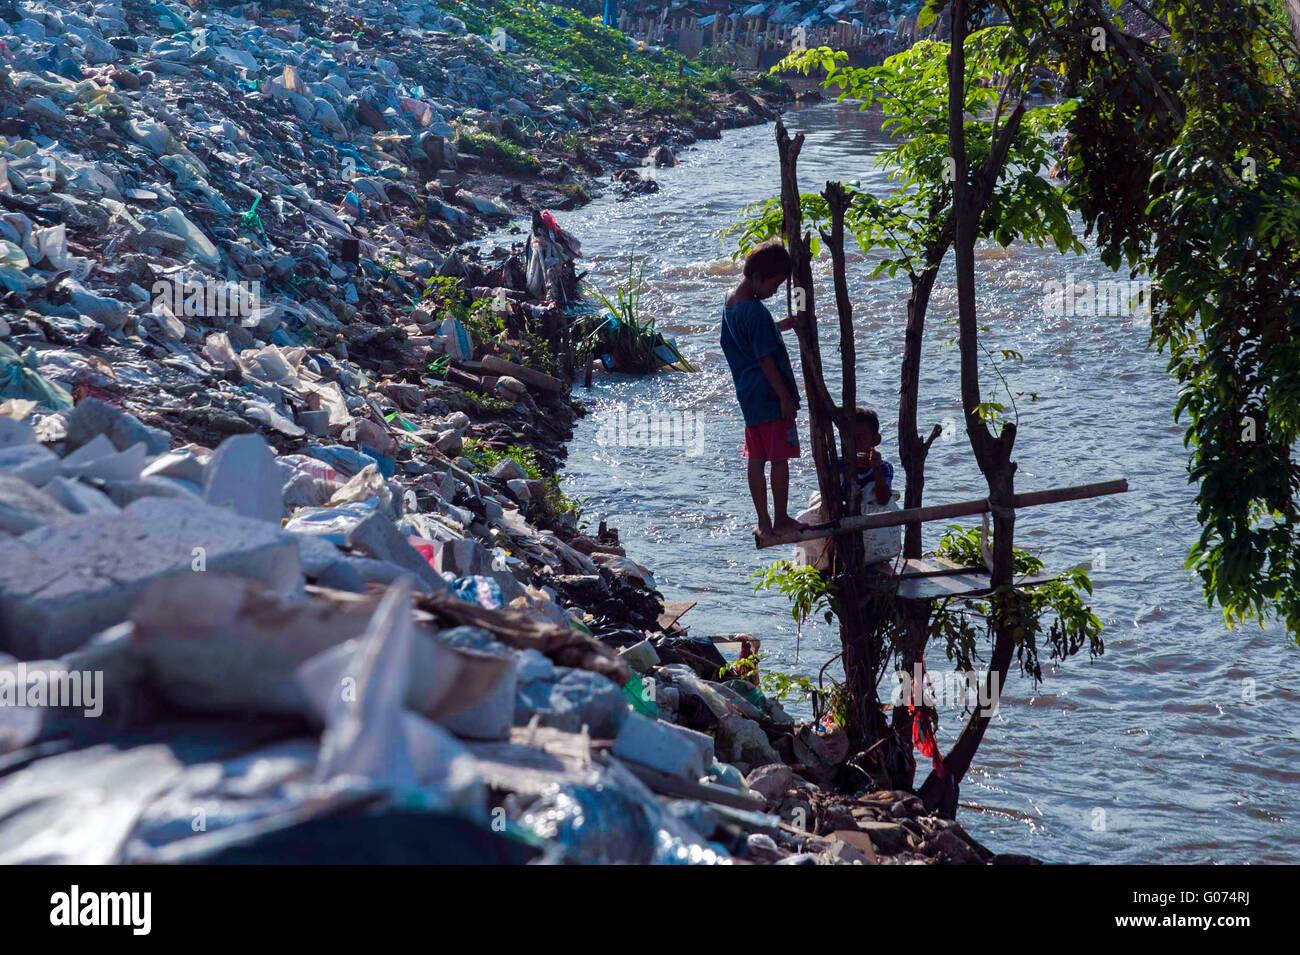 South Jakarta, Indonesia. 23rd Apr, 2016. Slum Area In Jakarta. In ...